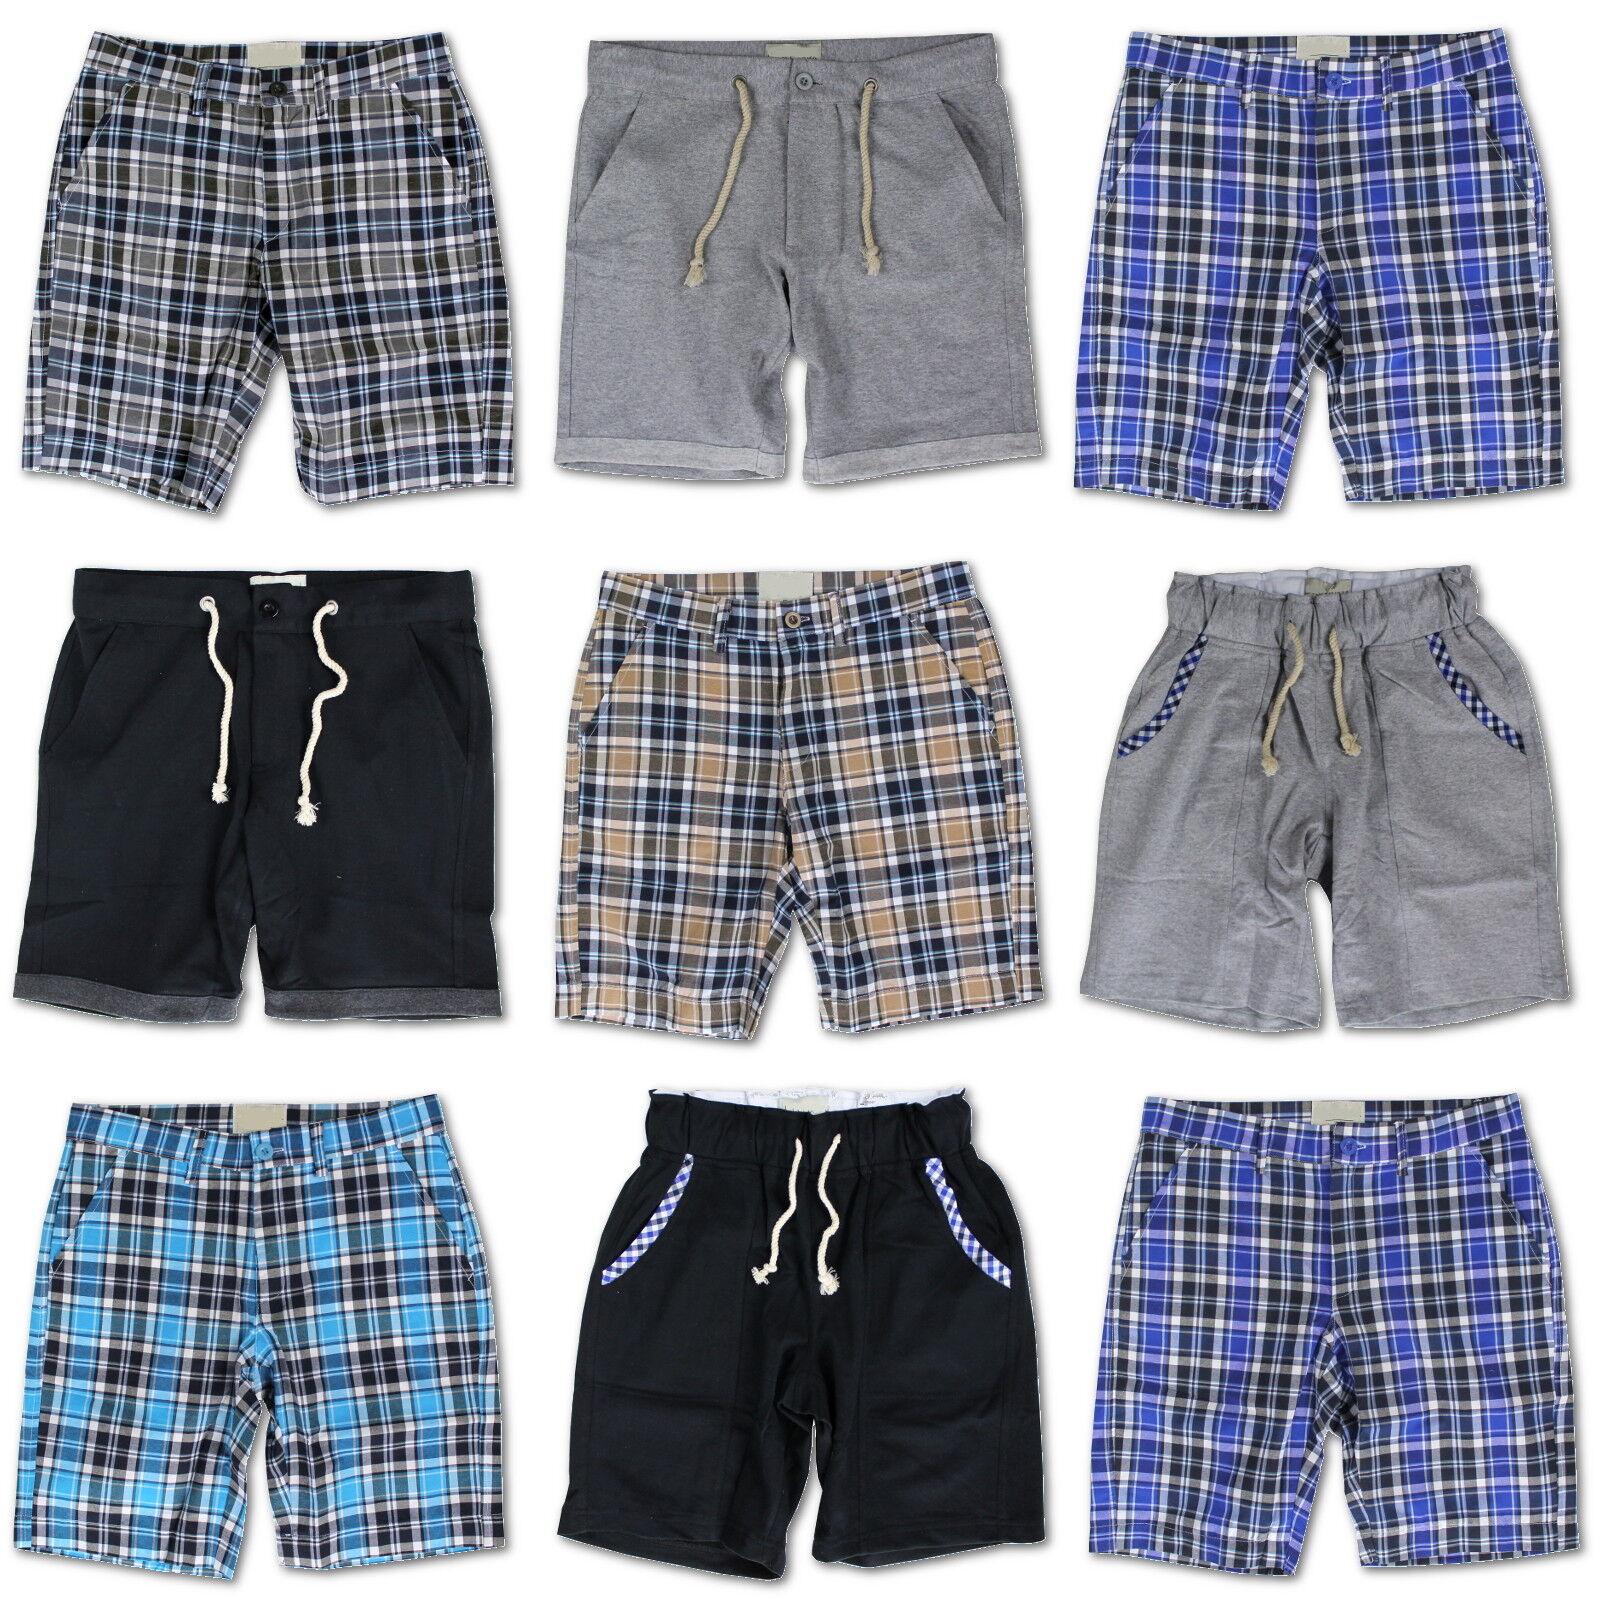 Jungen Shorts kurze Hose Kinder Bermuda Caprihose Sommerhose Jungs Gr. 164 176